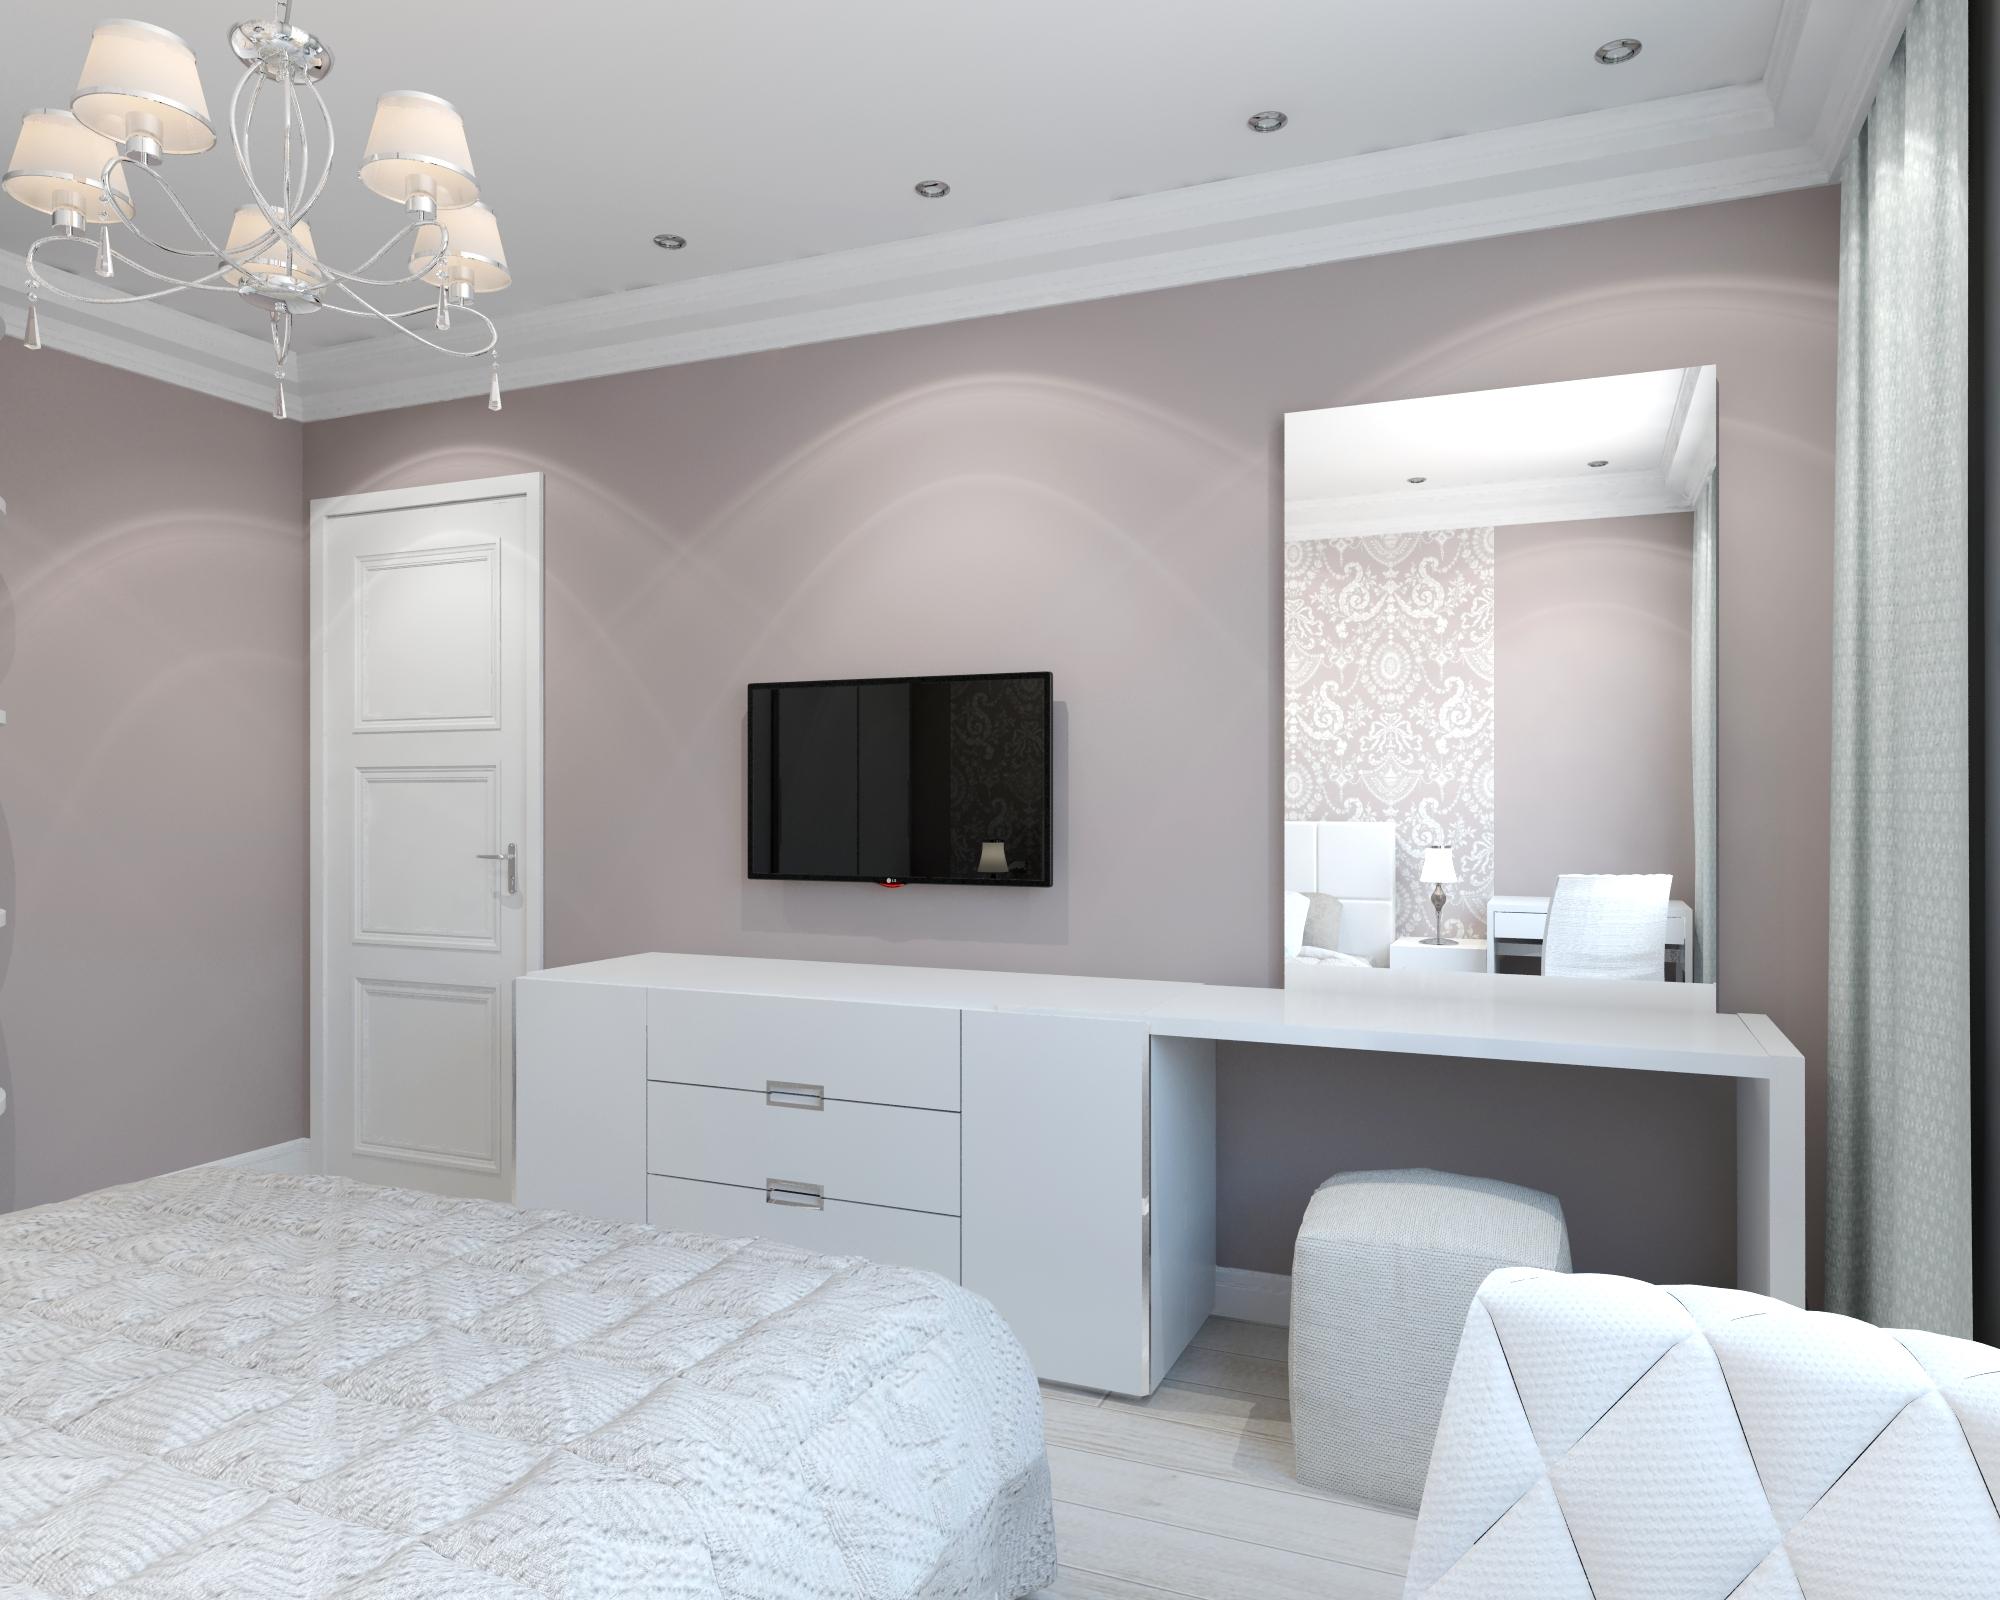 18 мар 2017. Посмотрите как очень просто и красиво можно оформить стильный дизайн спальни 12 кв. М. На фото примерах в нашей статье. Много советов, и рекомендаций от профи!